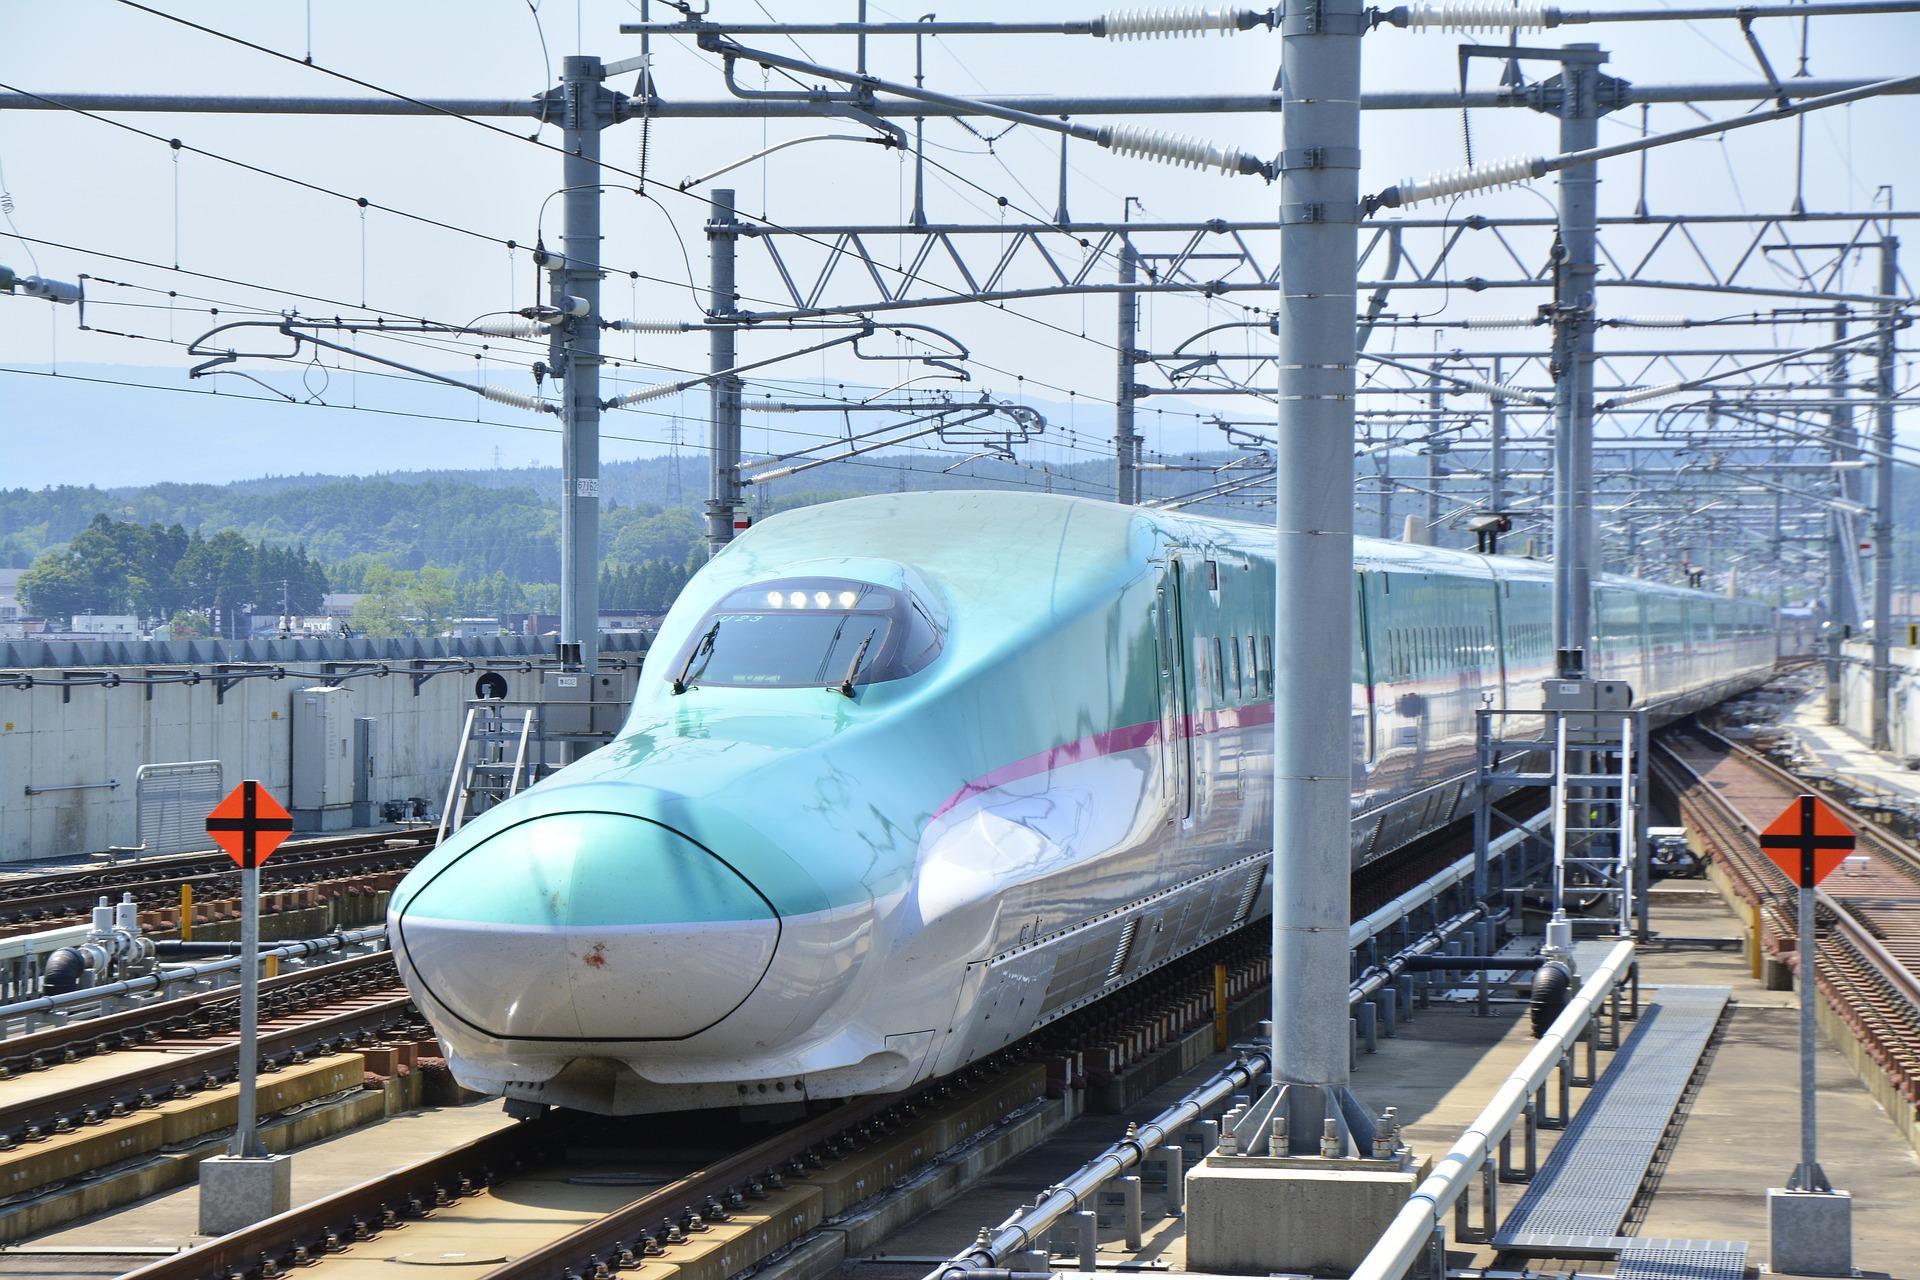 Perjalanan dengan kereta Shinkansen tercepat, Nozomi memerlukan waktu 155 menit sedangkan kereta Hikari dan Kodama sekitar tiga dan empat jam ...